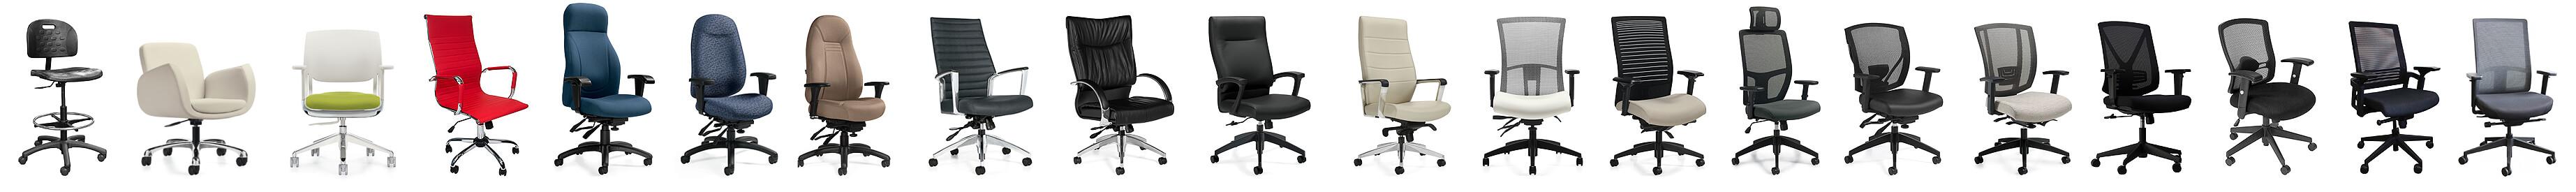 Fauteuils, mobilier de bureaux, chaises